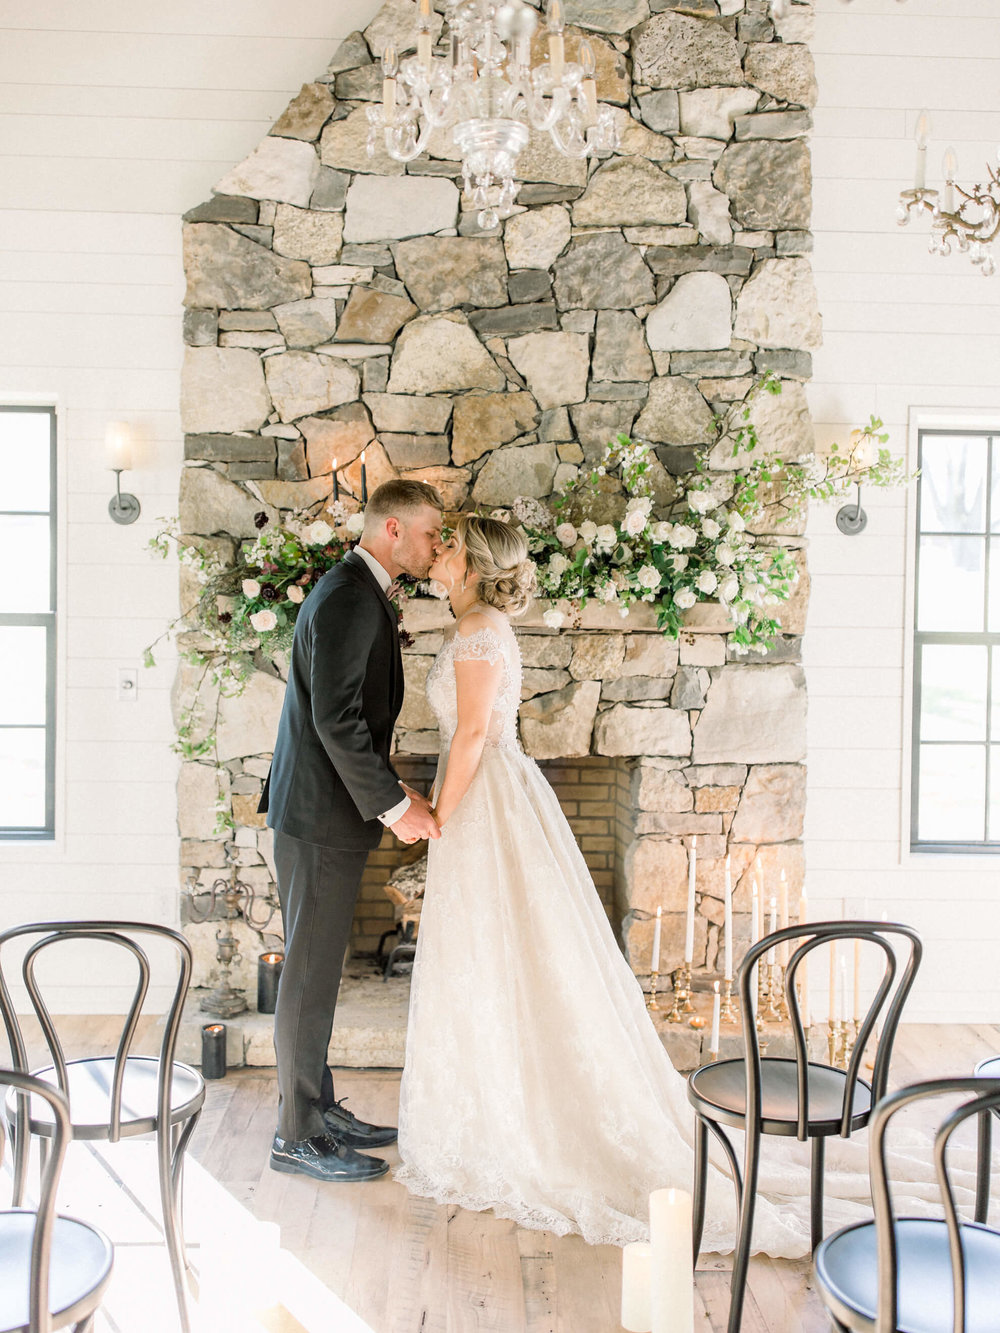 deanna-burks-design-weddings29.jpg